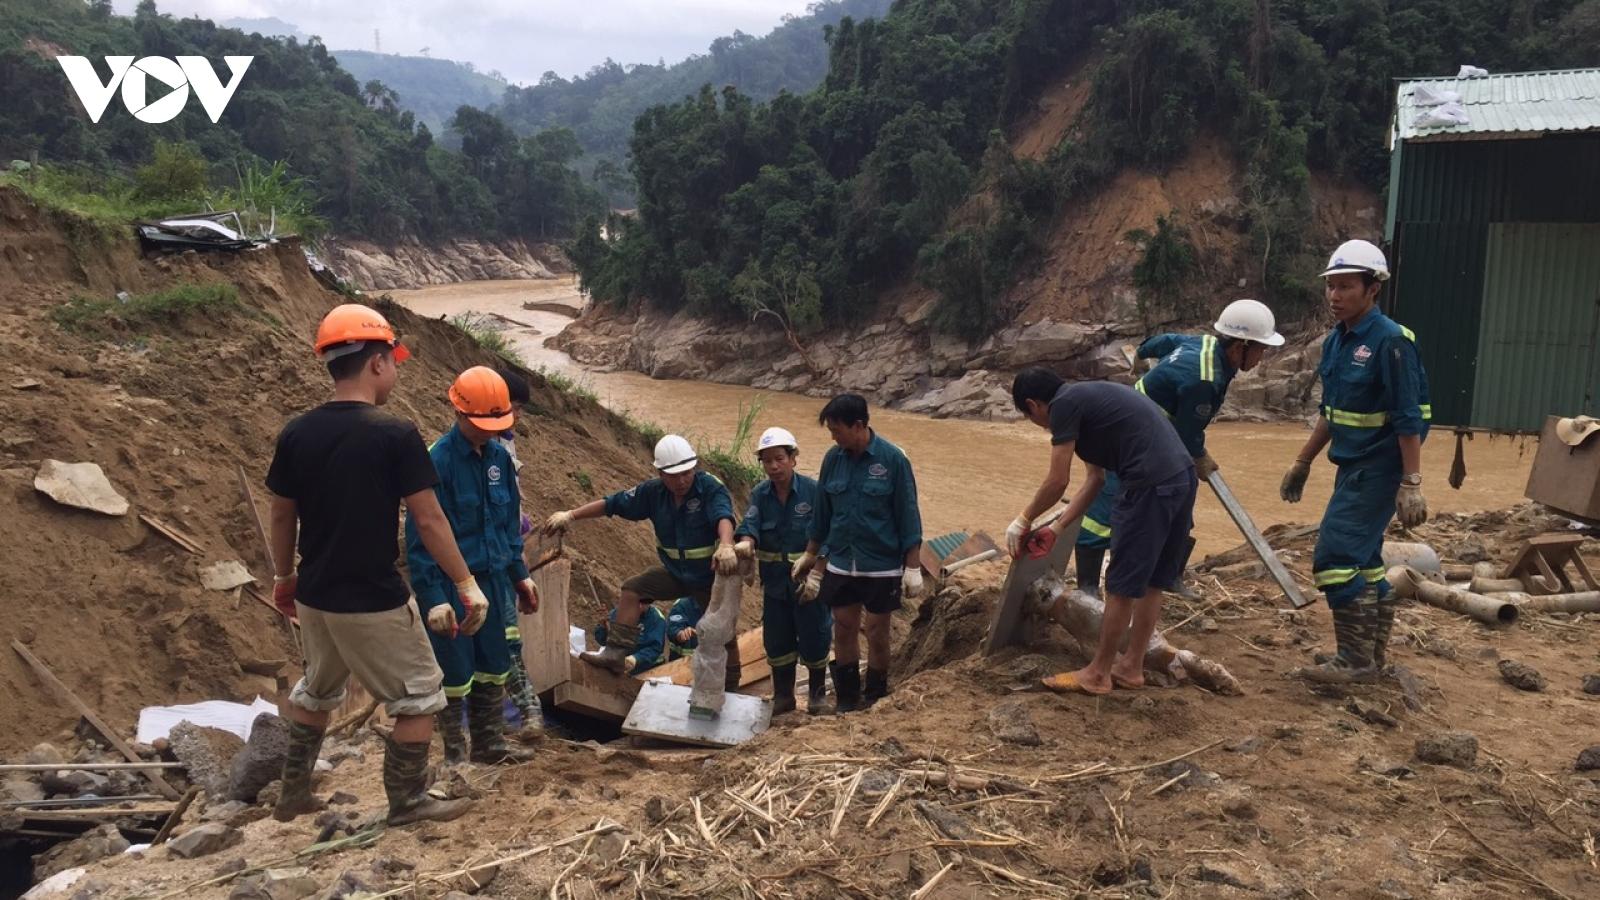 Quảng Nam đề nghị tiếp tế lương thực 2 xã bị cô lập ở Phước Sơn bằng đường không